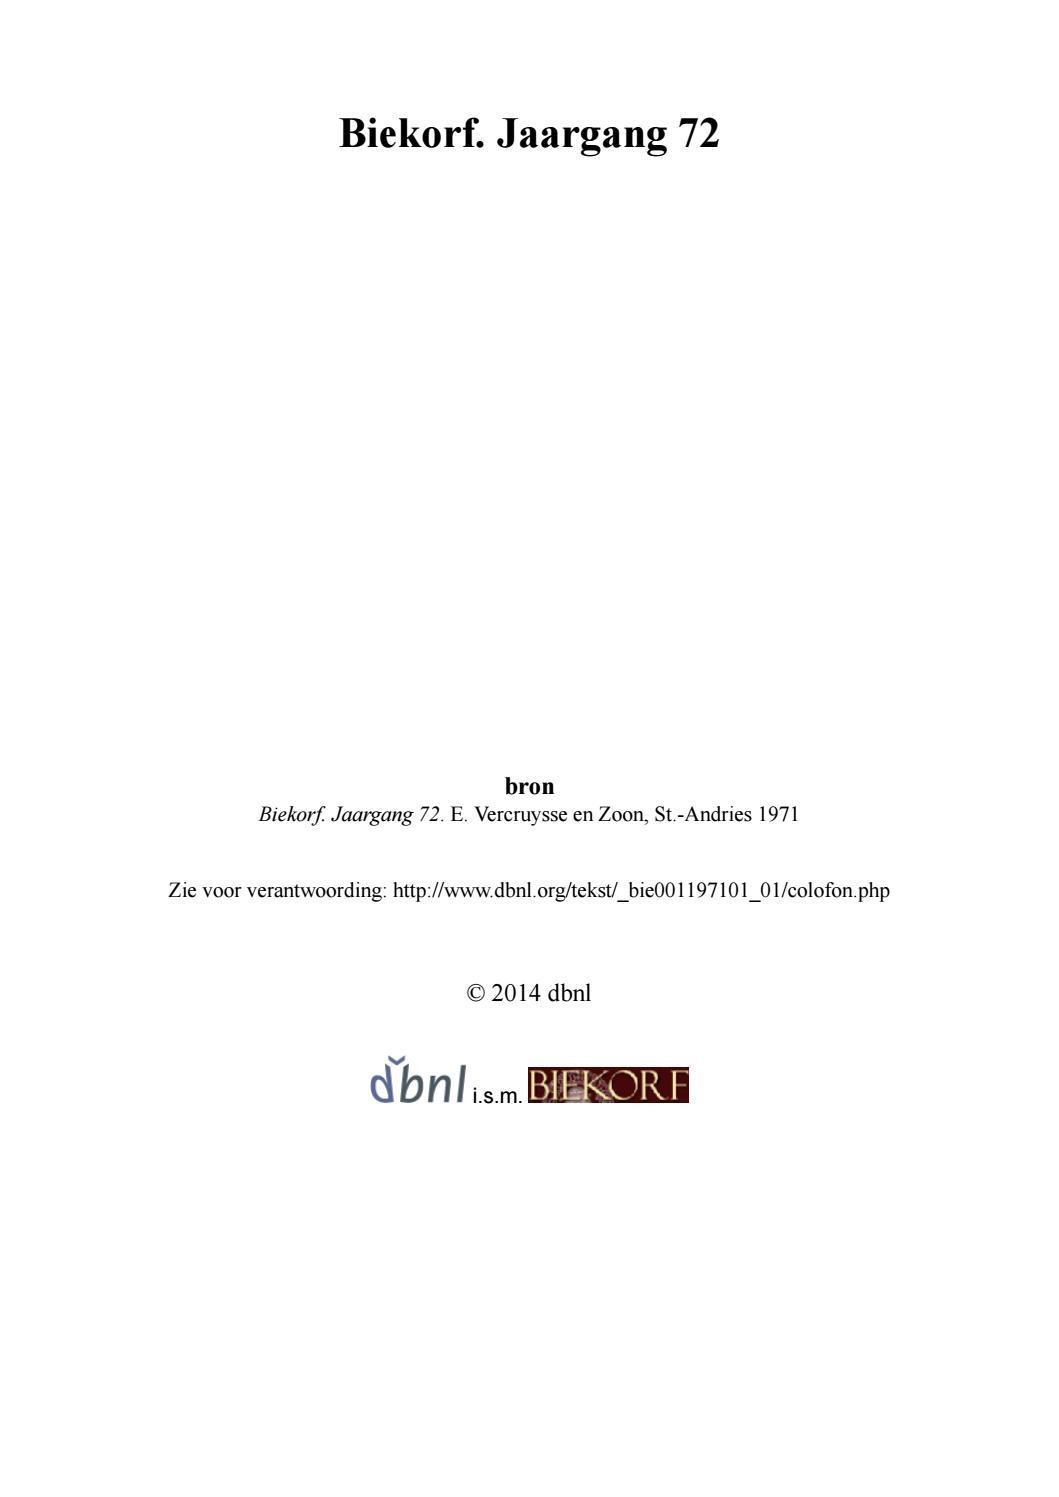 cac192d48ab Biekorf jaargang 72 bie001197101 01 (deel 1 van 2) by Davy Goedertier -  issuu